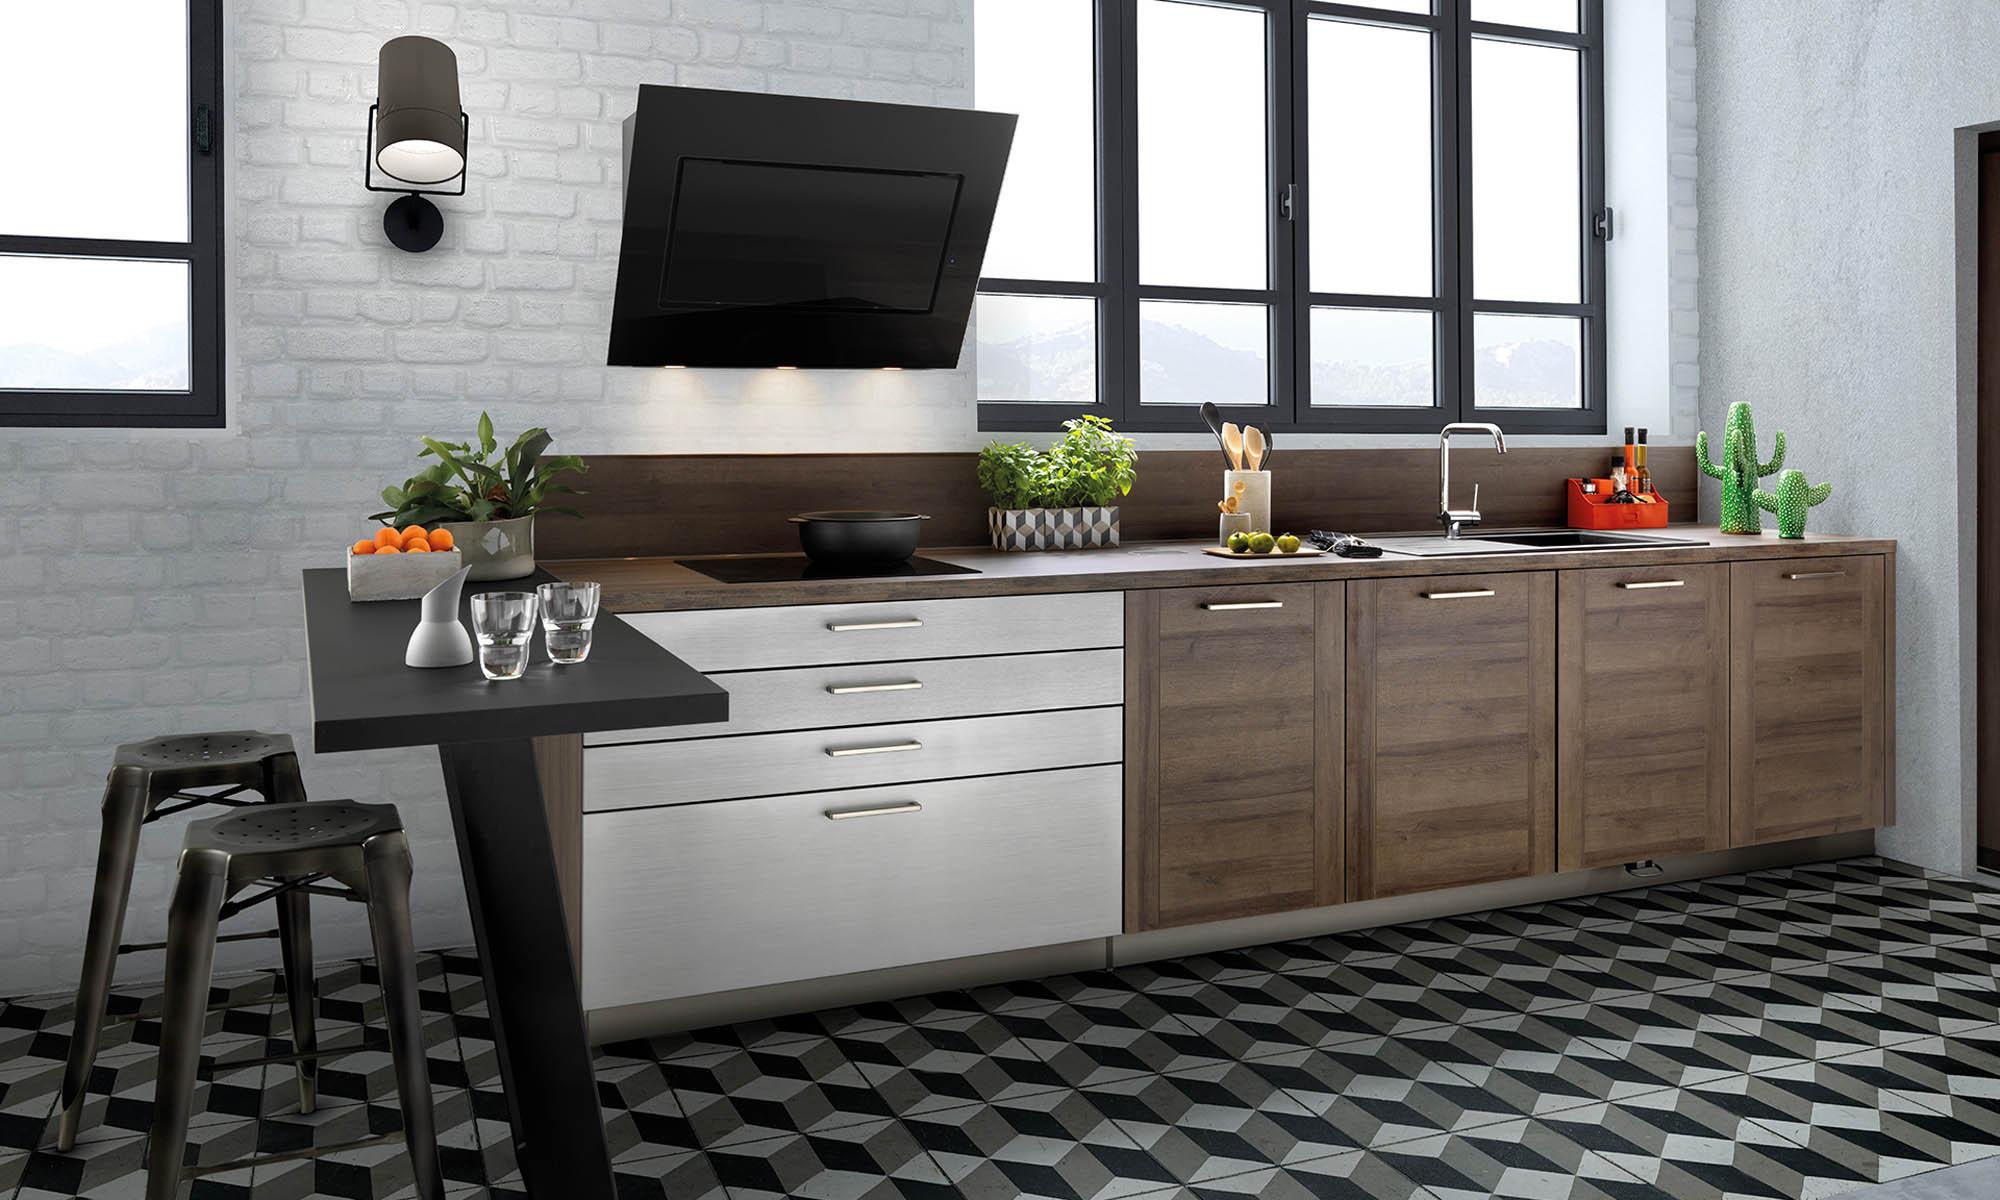 der k chenbauer k chendesignmagazin lassen sie sich inspirieren. Black Bedroom Furniture Sets. Home Design Ideas